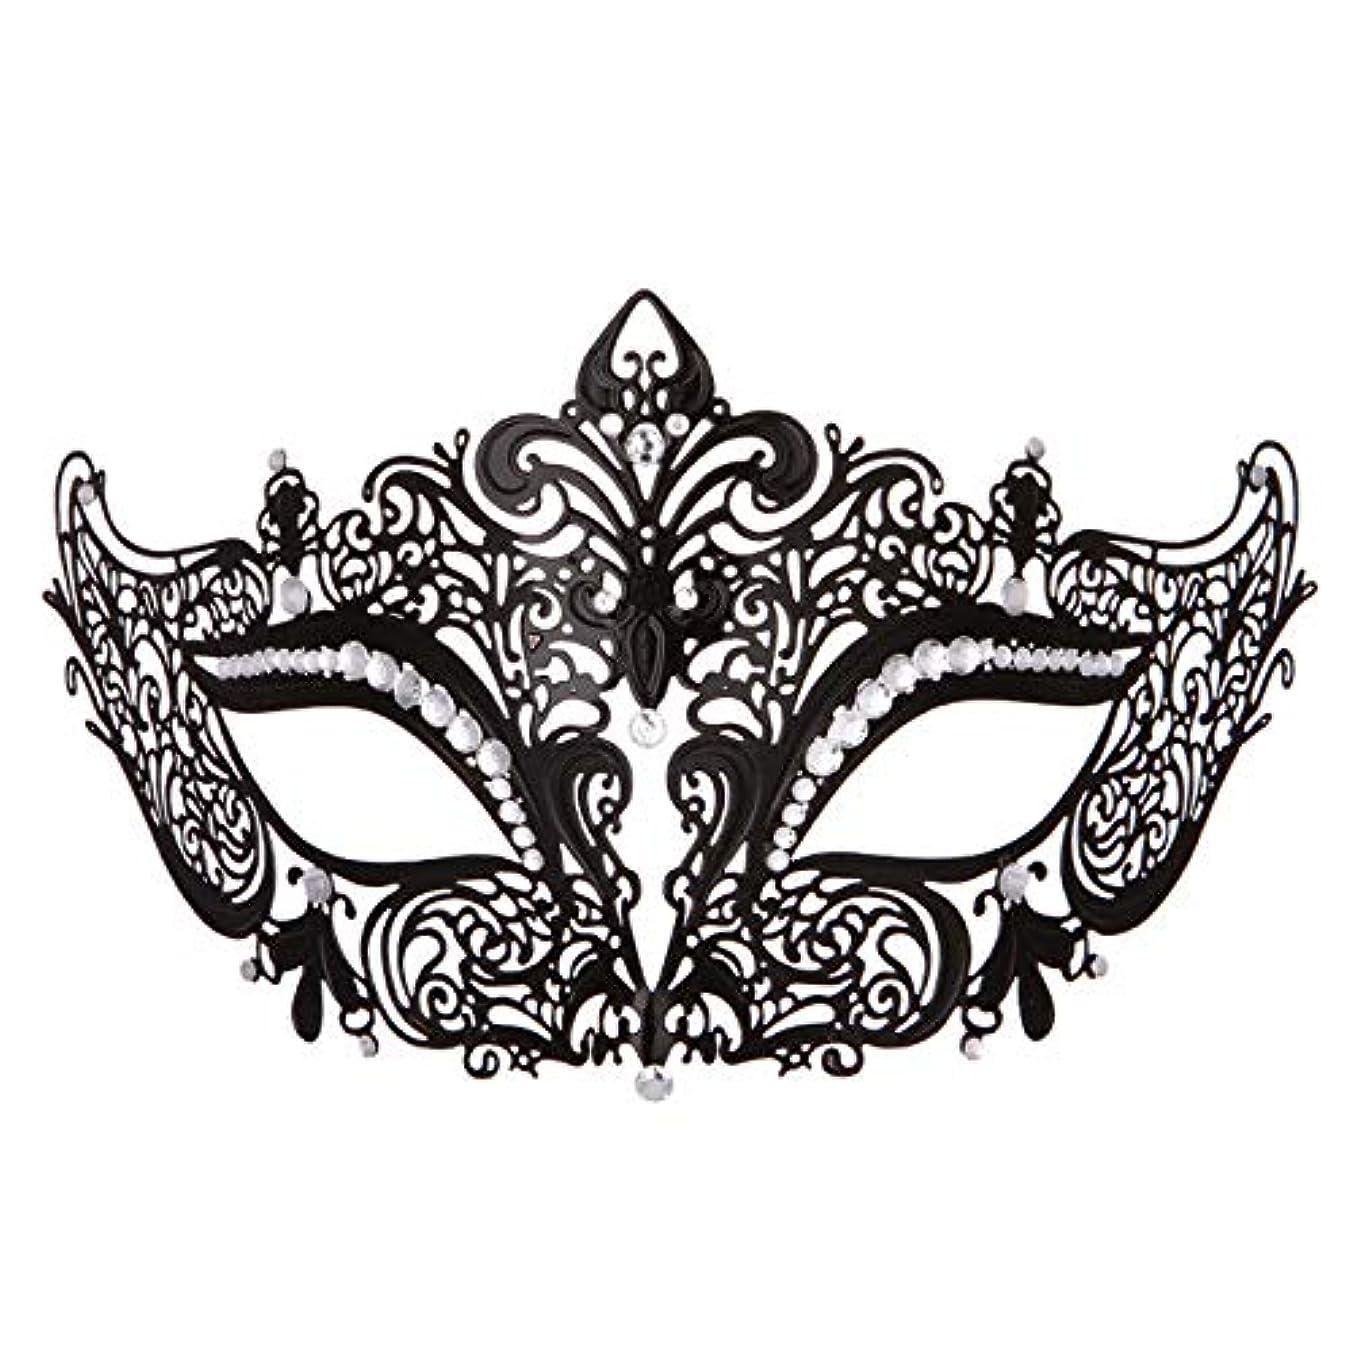 笑い場合微妙メタルマスク/ダイヤモンドカットマスク/アイアンマスクキャットヘッドブラック/ハロウィーン、パーティー、仮面舞踏会、お祝いマスク